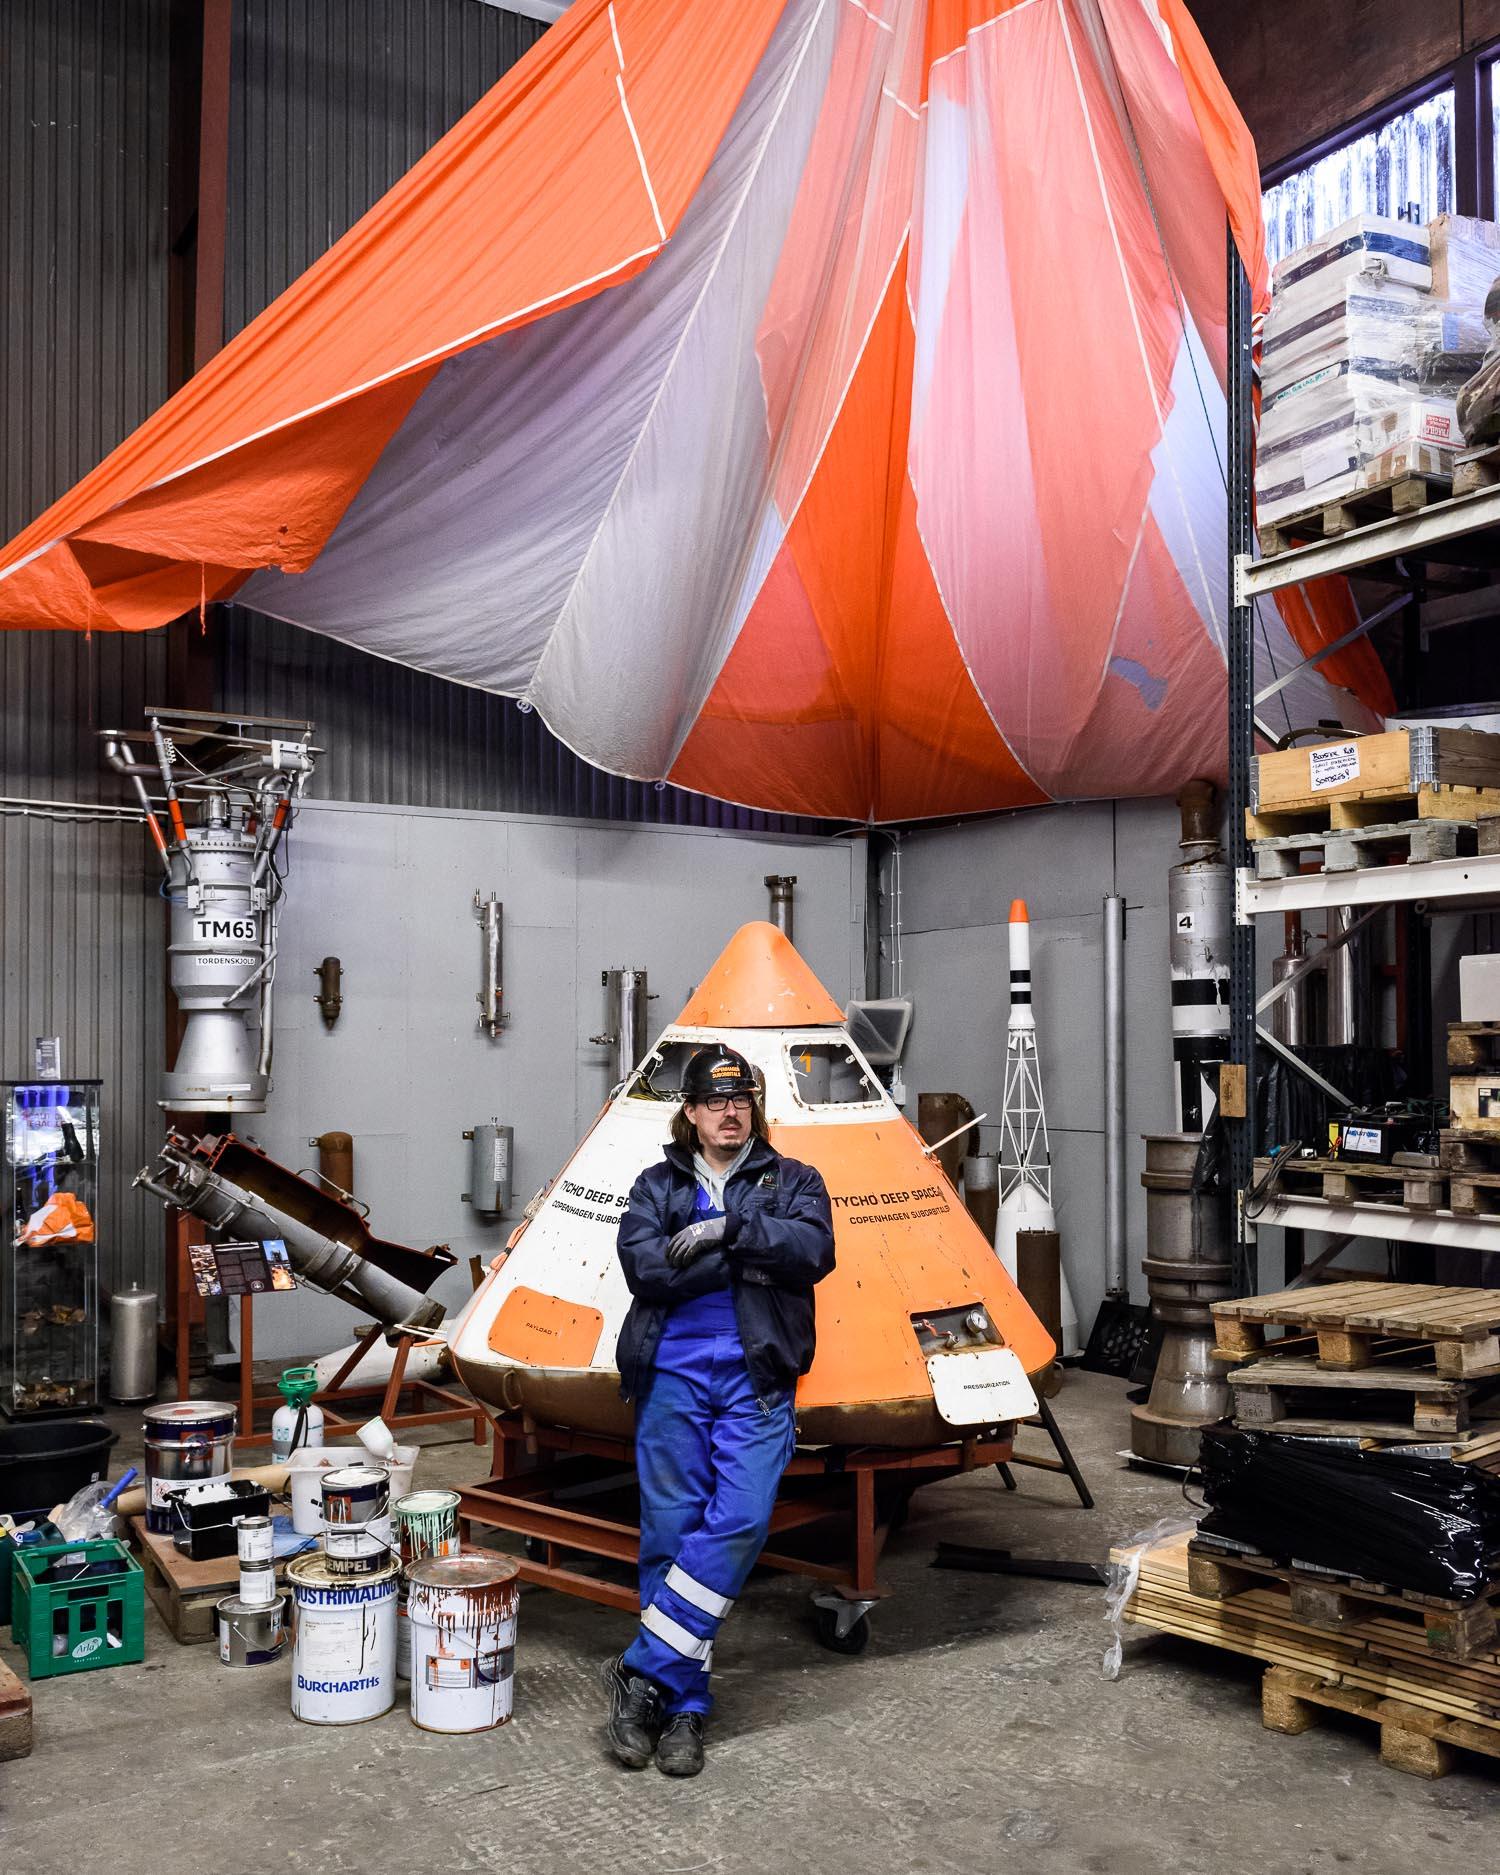 Mads Wilson of Copenhagen Suborbitals in front the Tycho Deep Space return capsule